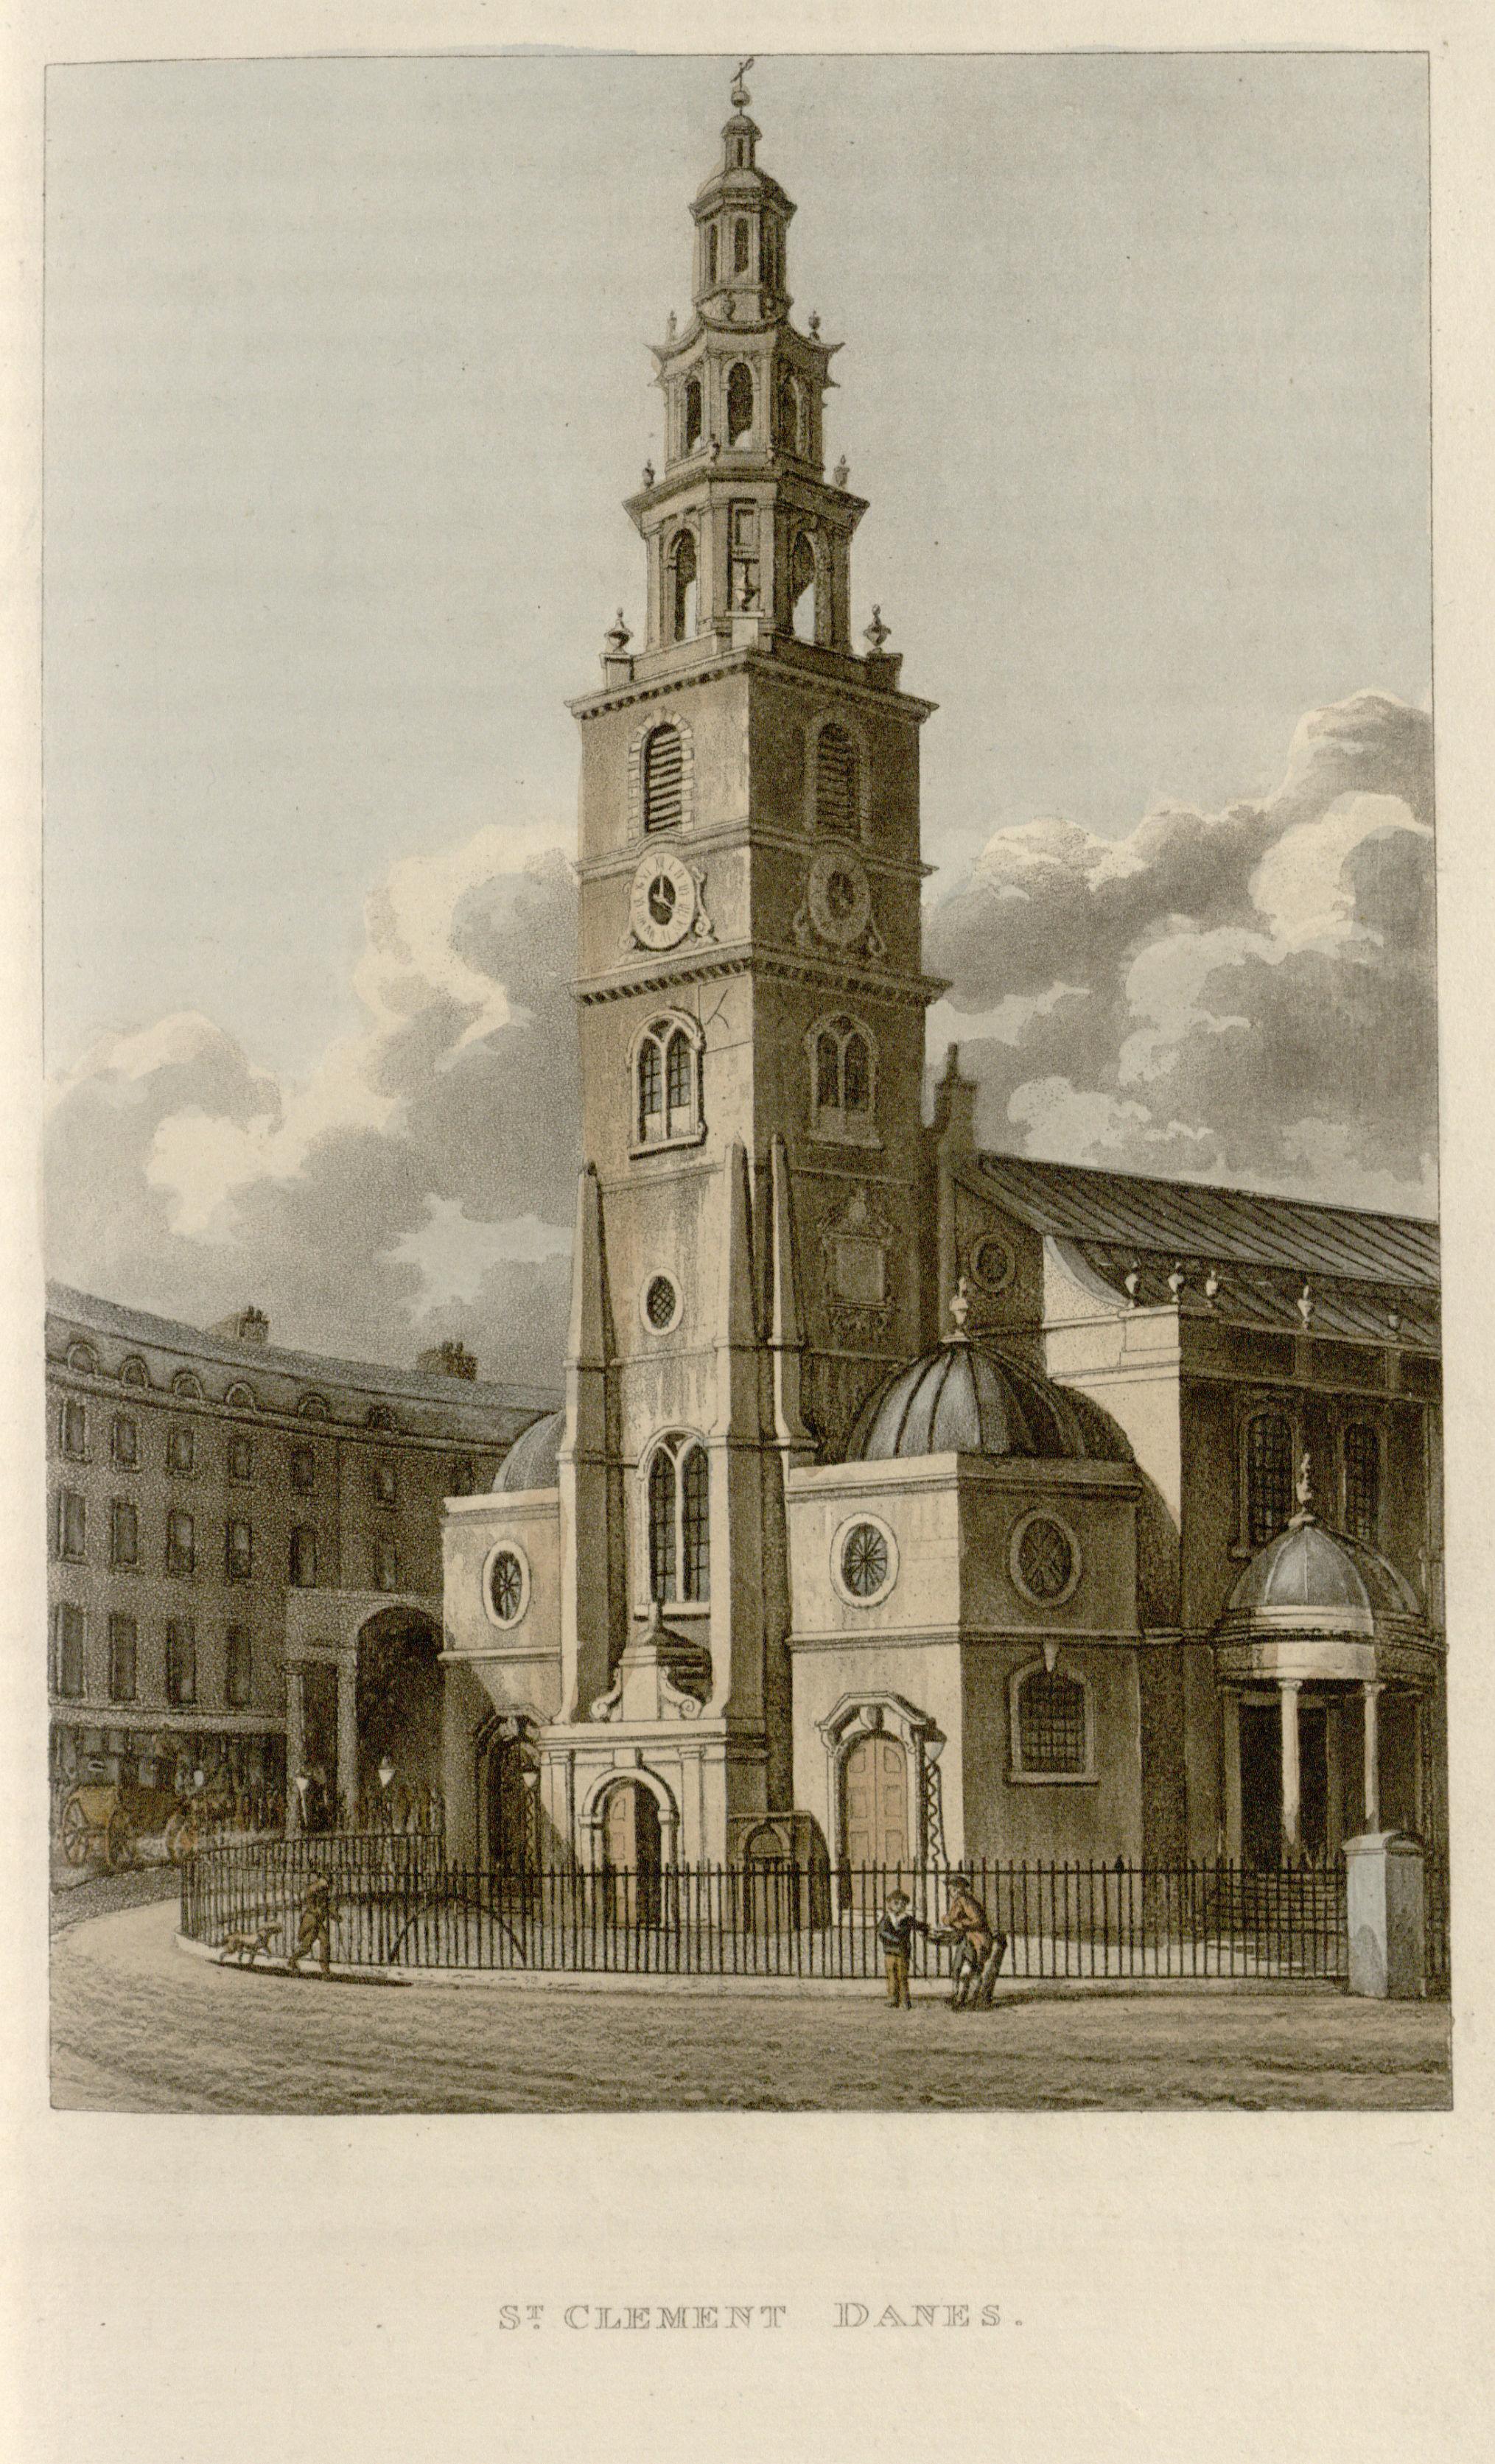 14 - Papworth - St Clement Danes